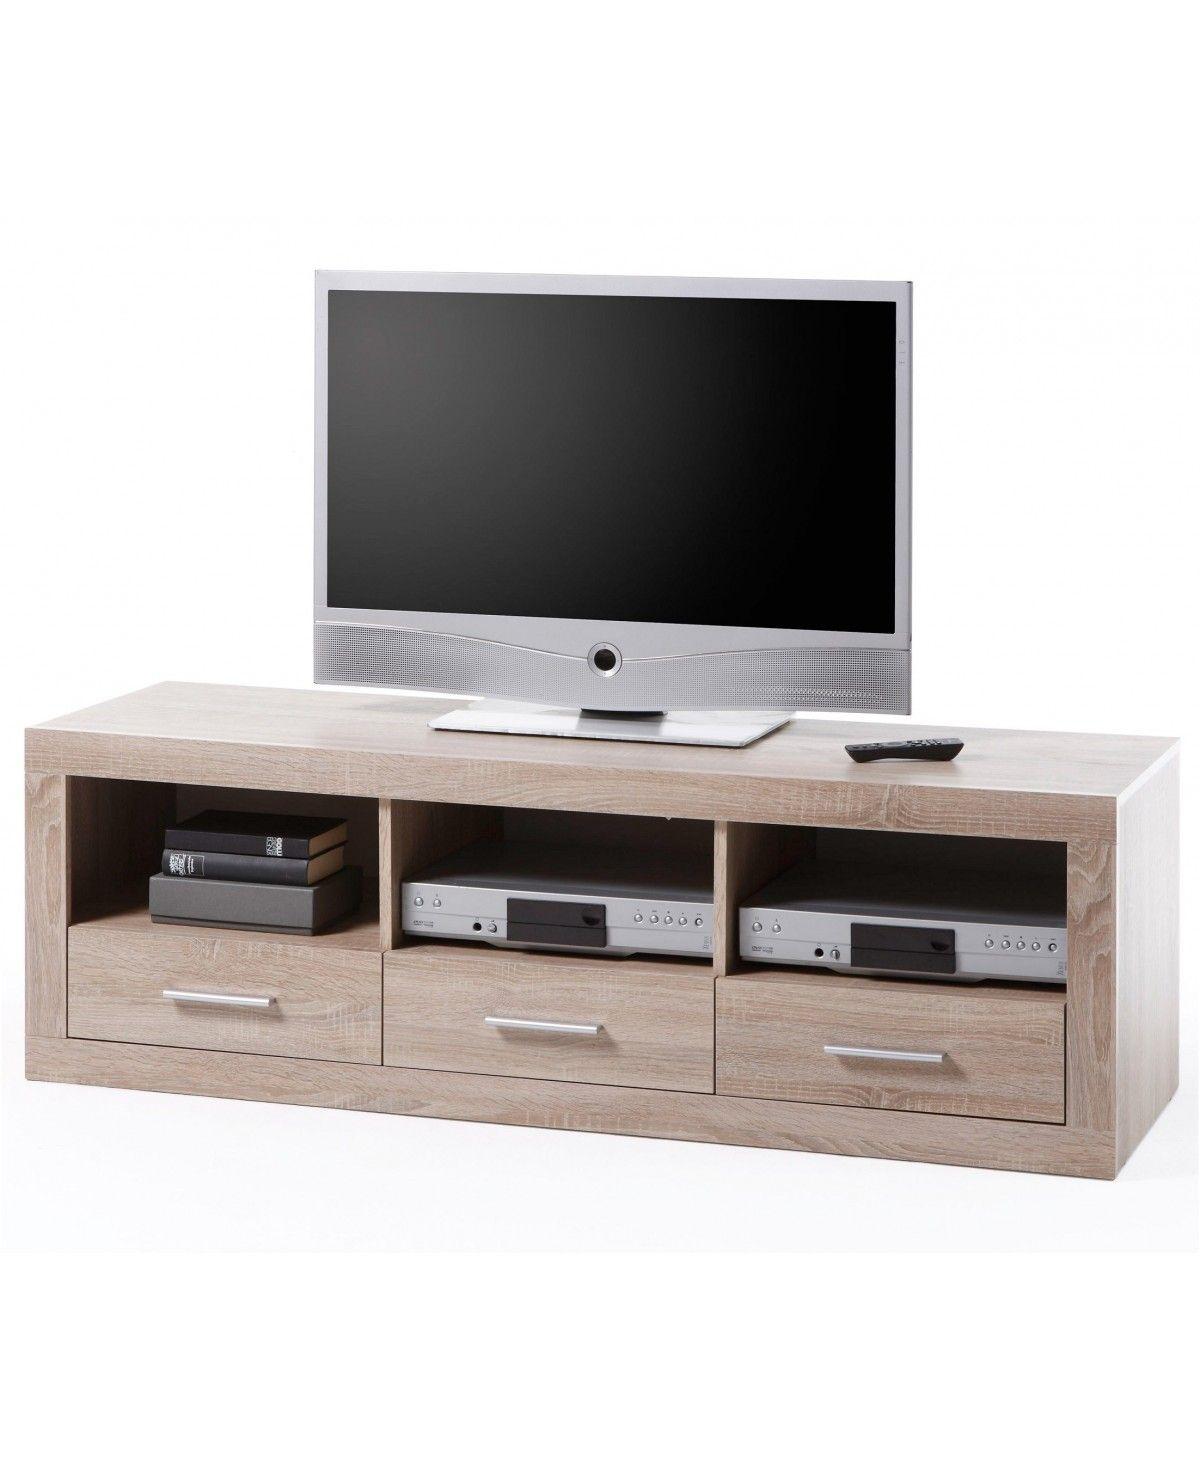 Vaja Kommode Sideboard Tv Board 3 Schubladen Eiche Sonoma Dekor